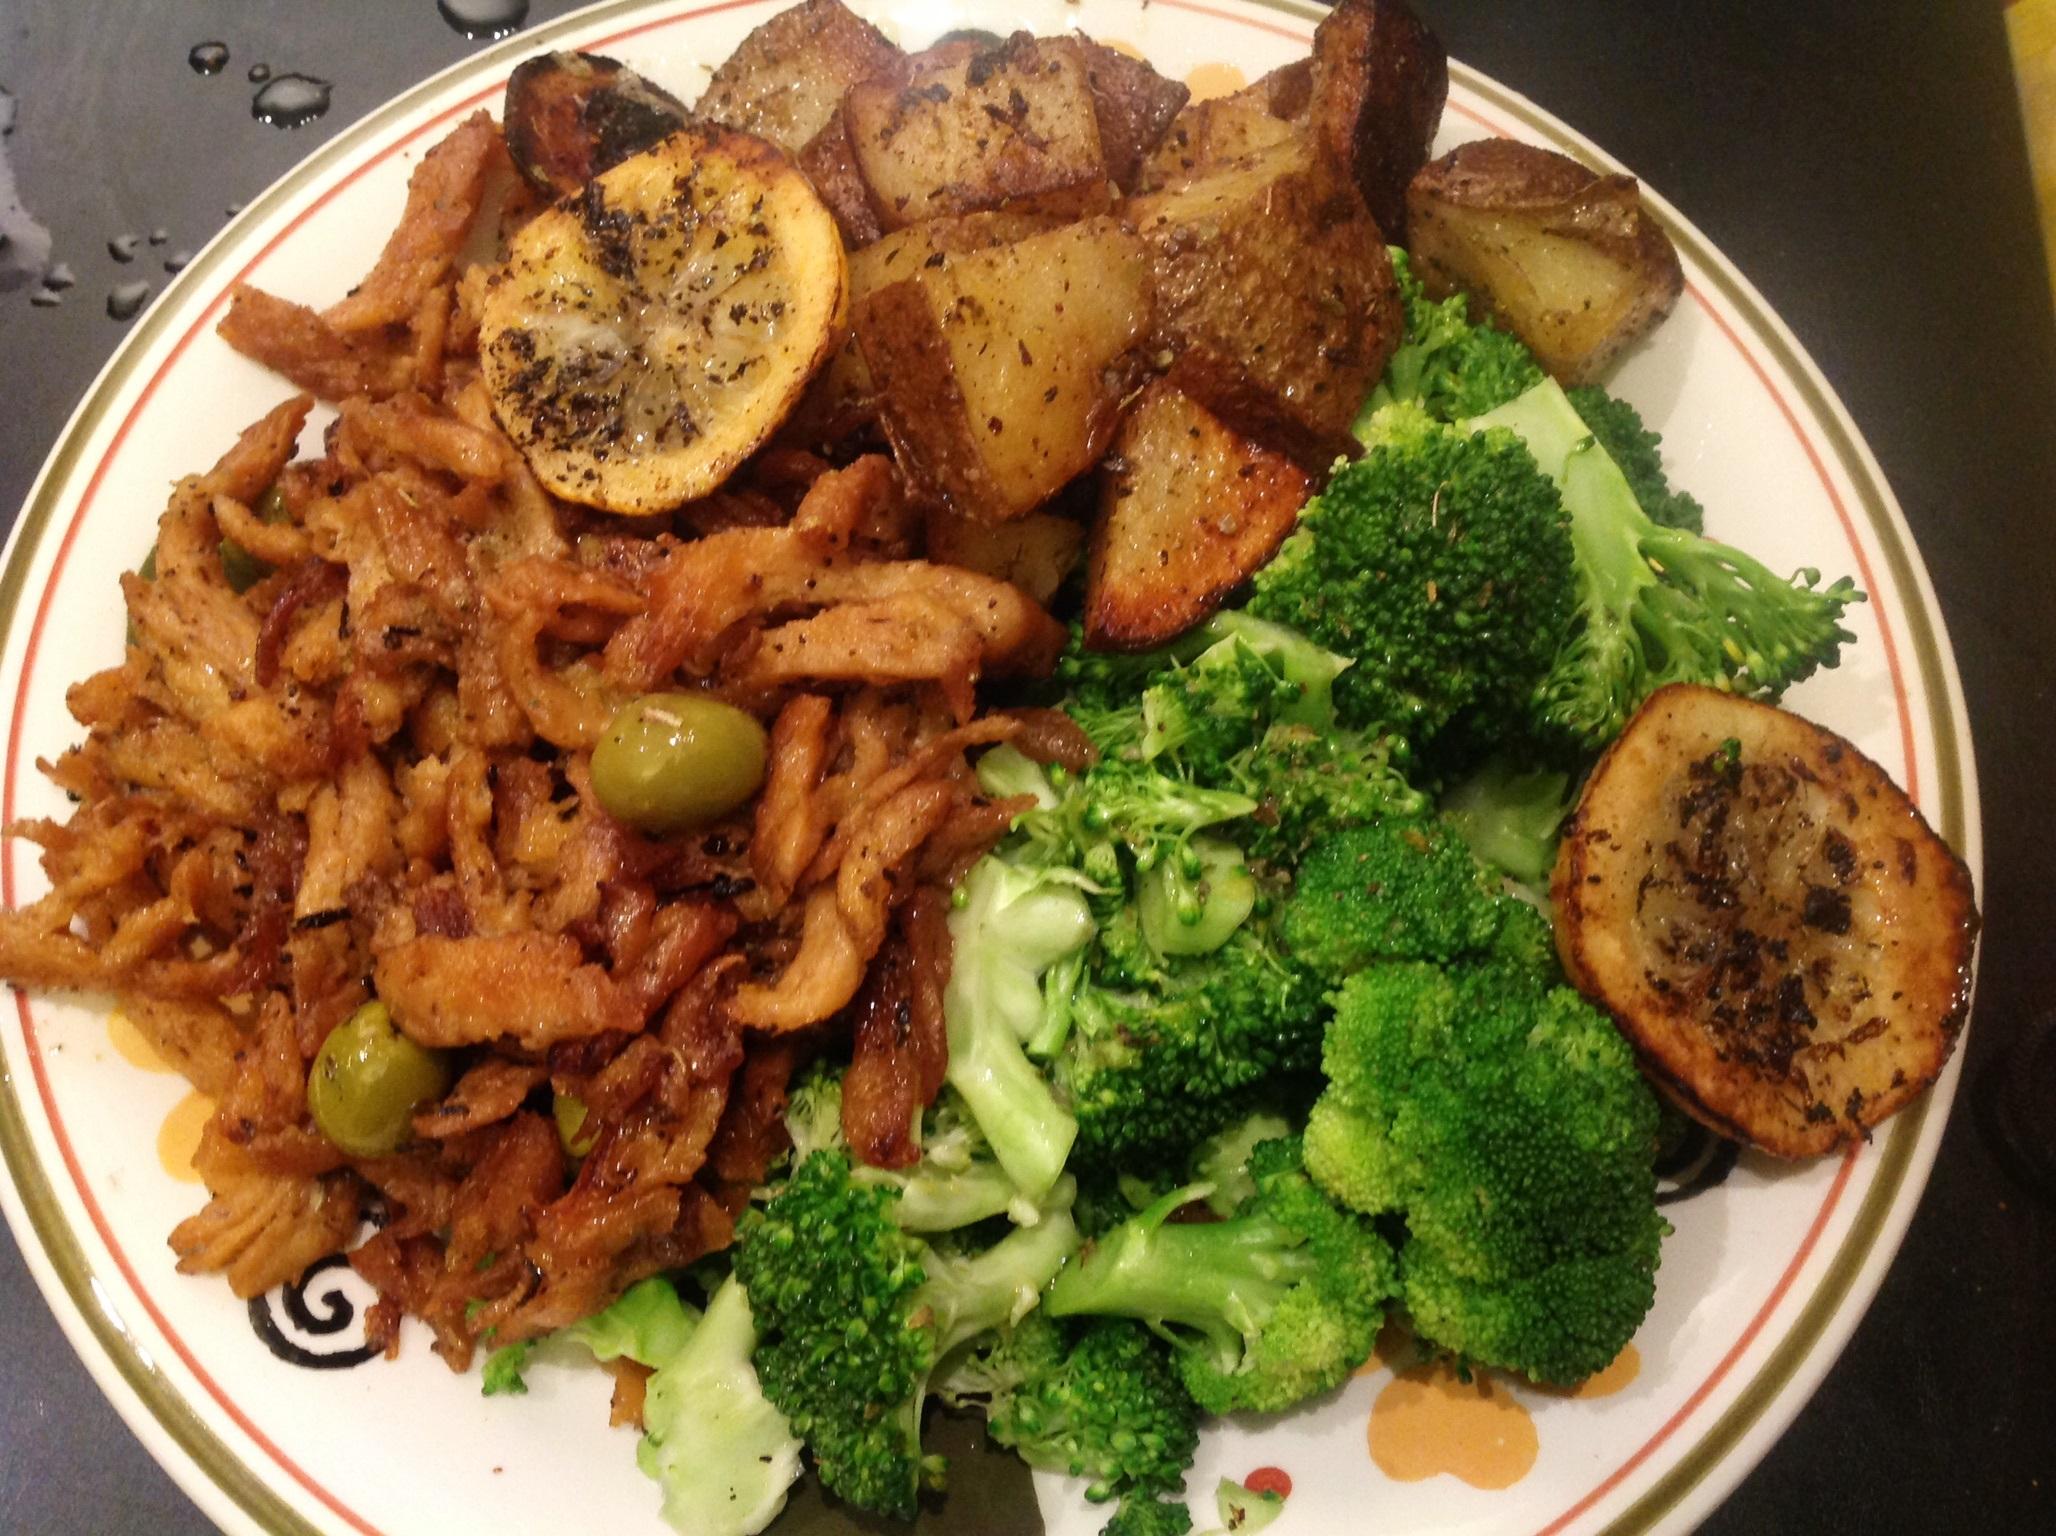 Greci soia riccioli e patate (11)